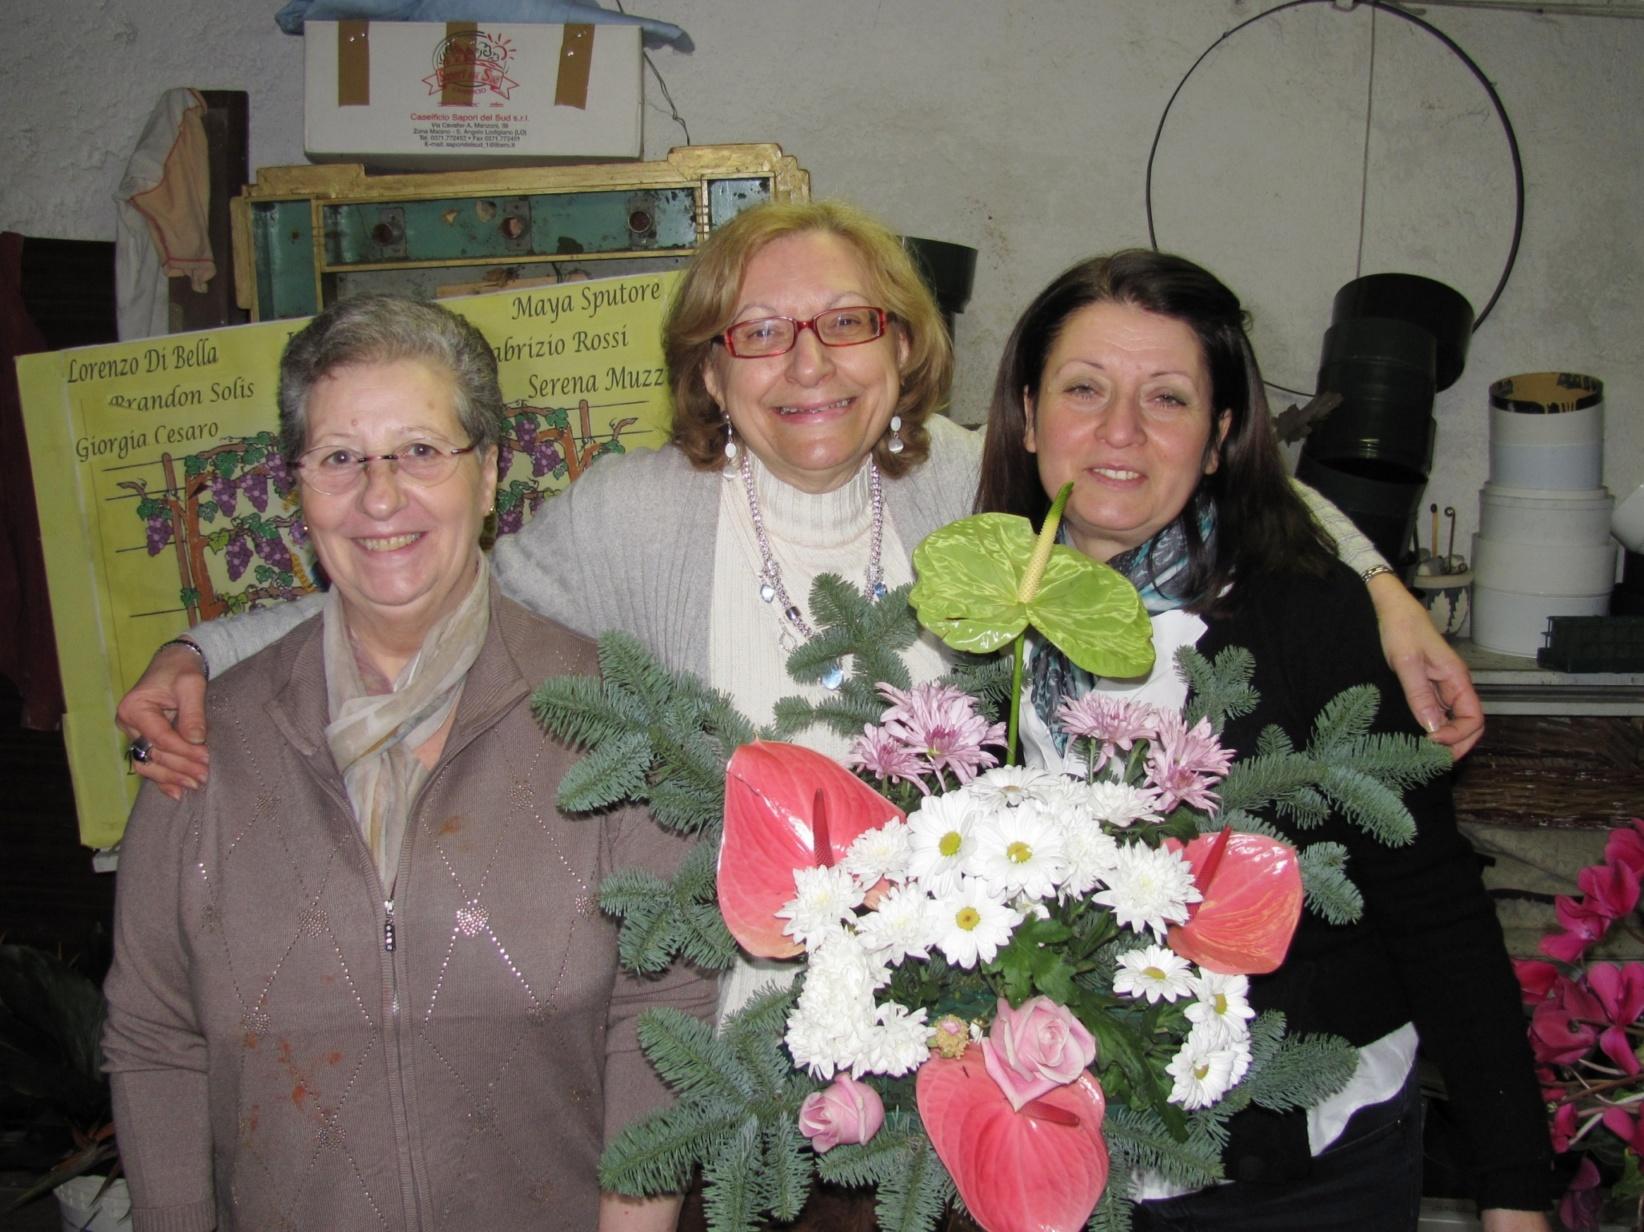 decorazione_chiesa_natale_2012-12-23-16-41-04